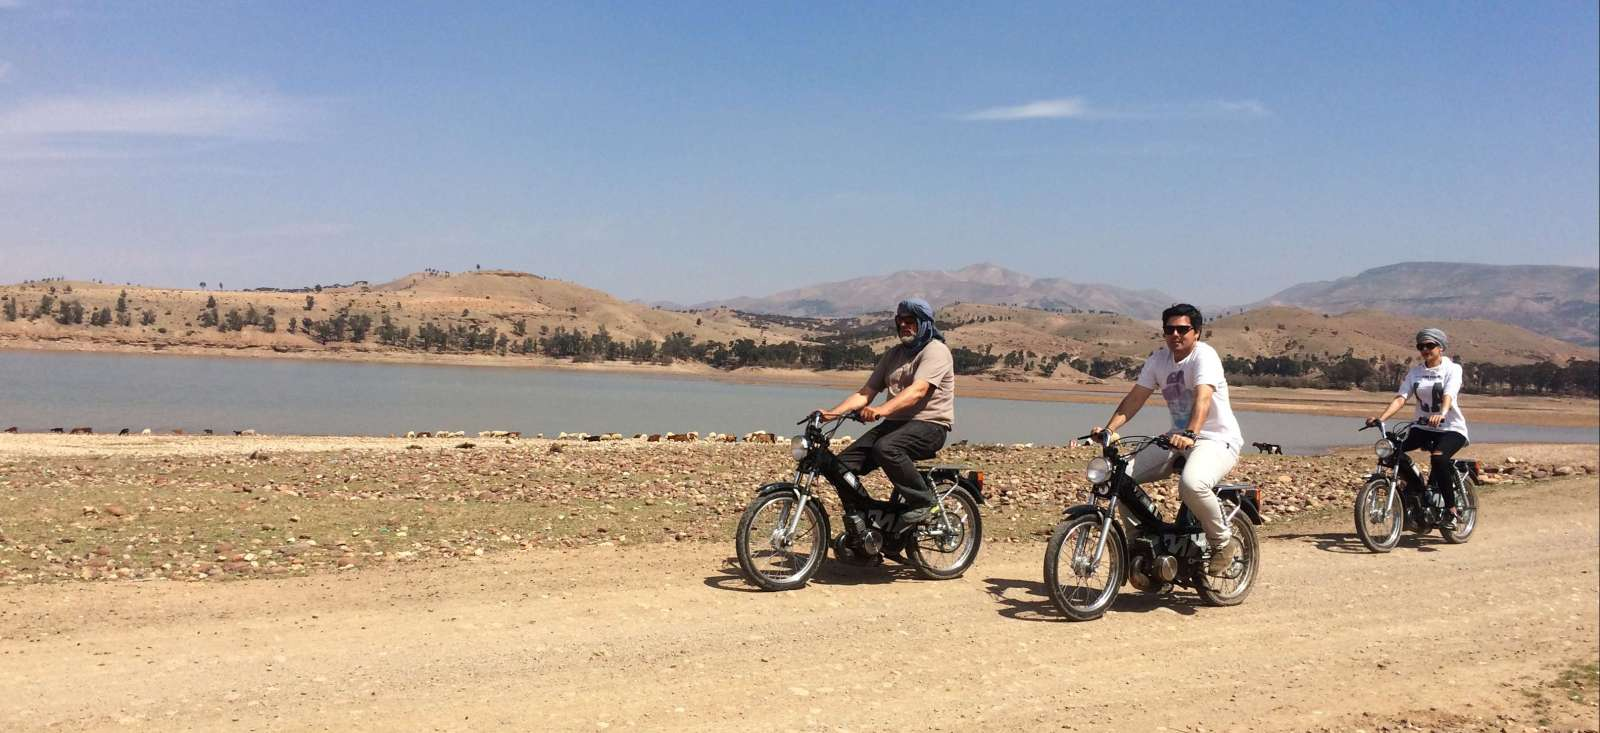 Voyage à moto : En mode mobylette dans le désert !